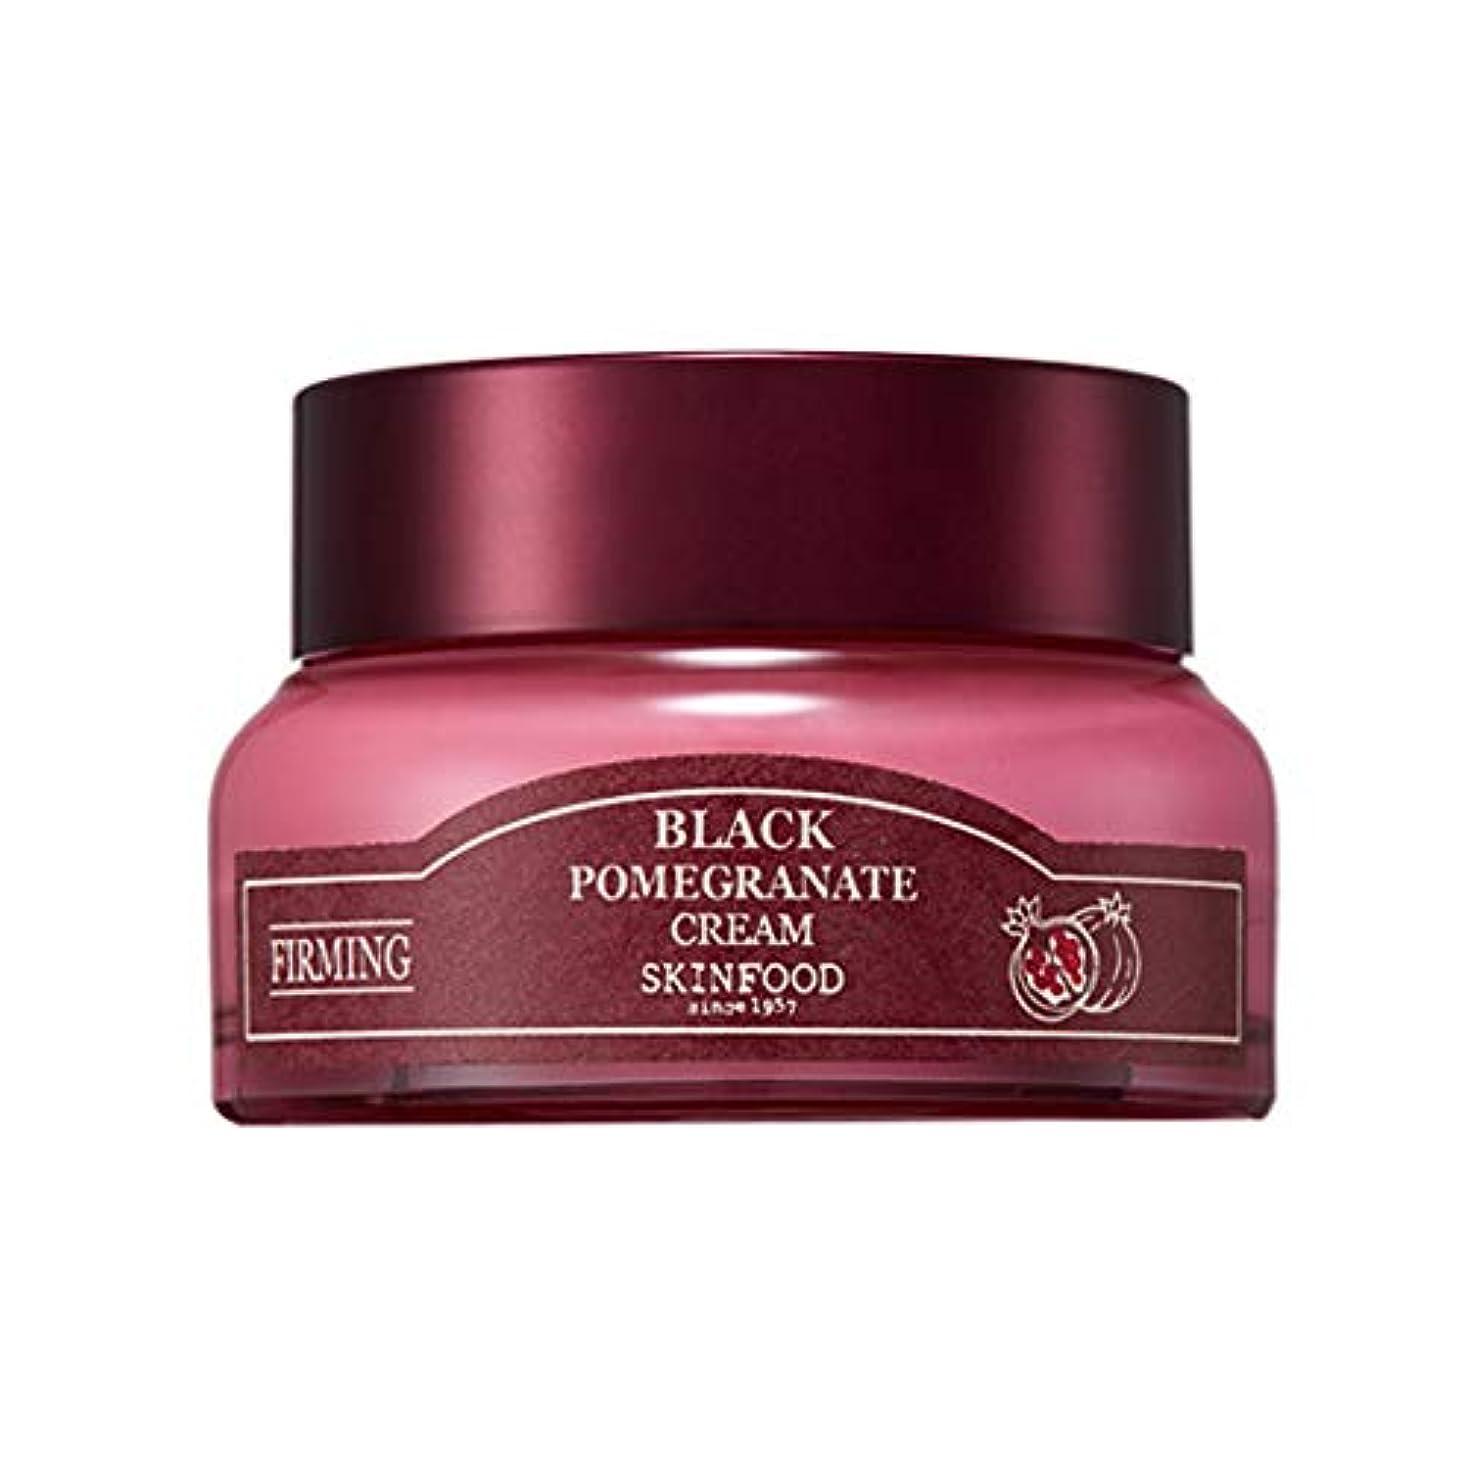 バクテリア我慢するアノイ[リニューアル] スキンフード 黒ザクロ クリーム 54ml / SKINFOOD Black Pomegranate Cream 54ml [並行輸入品]